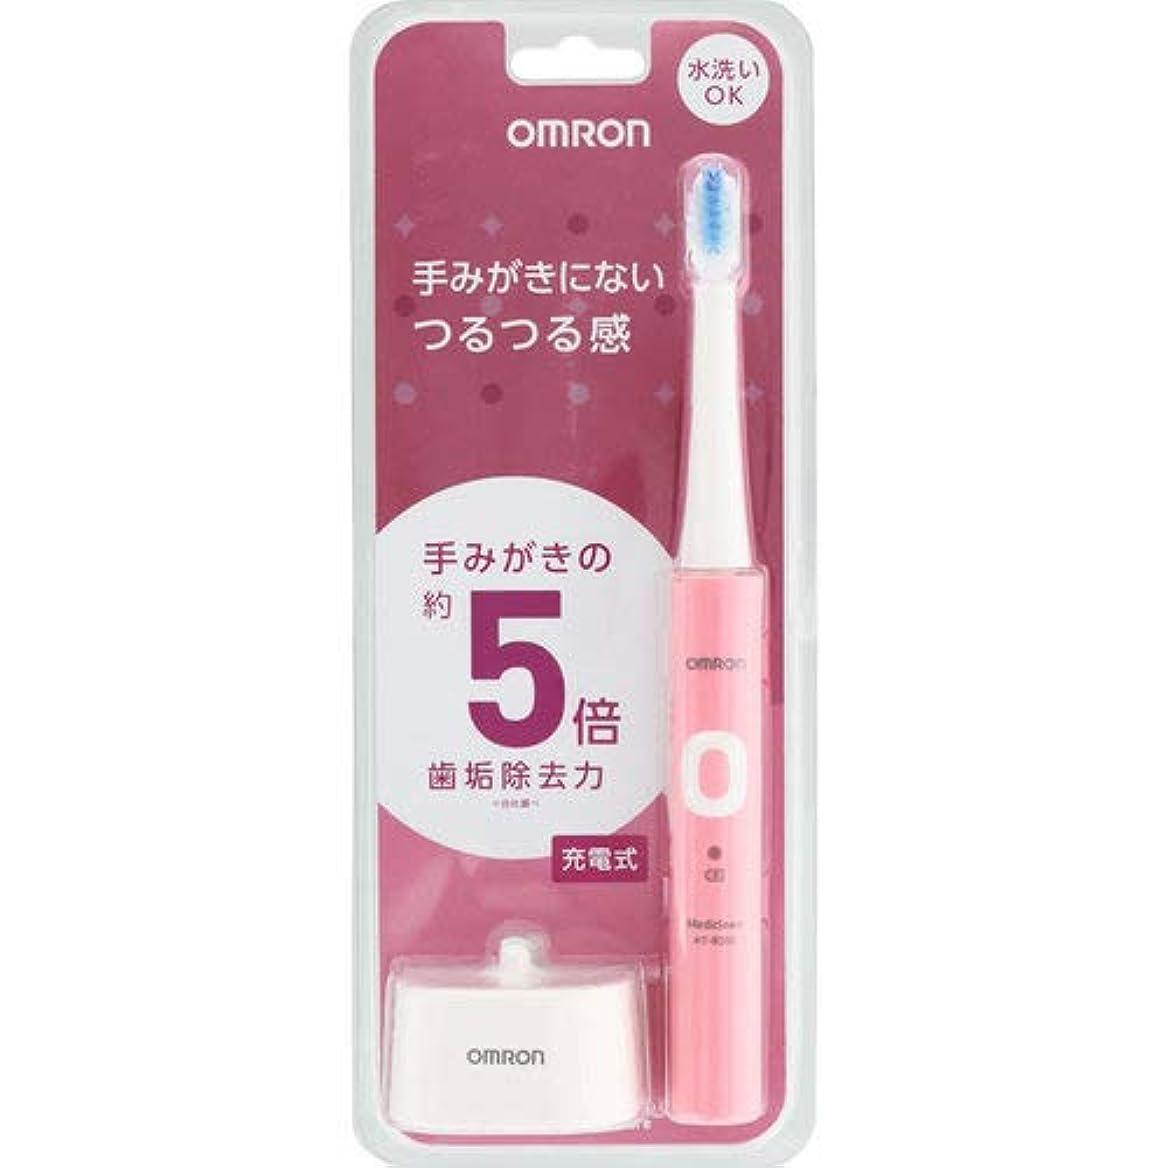 最大対立好奇心オムロン 電動歯ブラシ HT-B303-PK ピンク 充電式